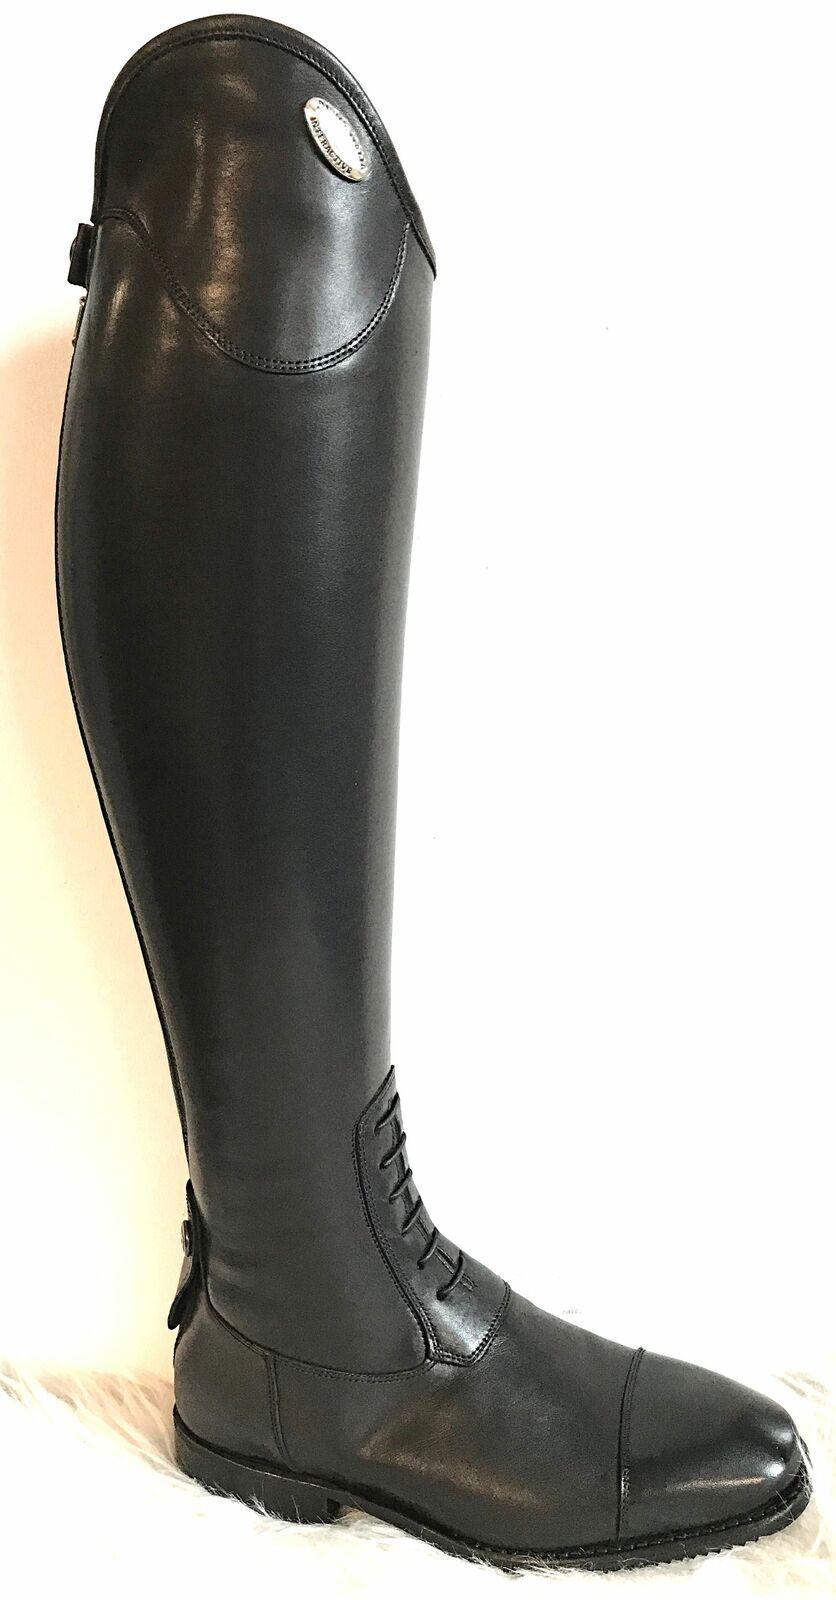 DeNiro Reitstiefel Reitstiefel Reitstiefel Salento 02 schwarz 39 A XS    Online einkaufen    Starker Wert    Qualität zuerst  2ef7a6